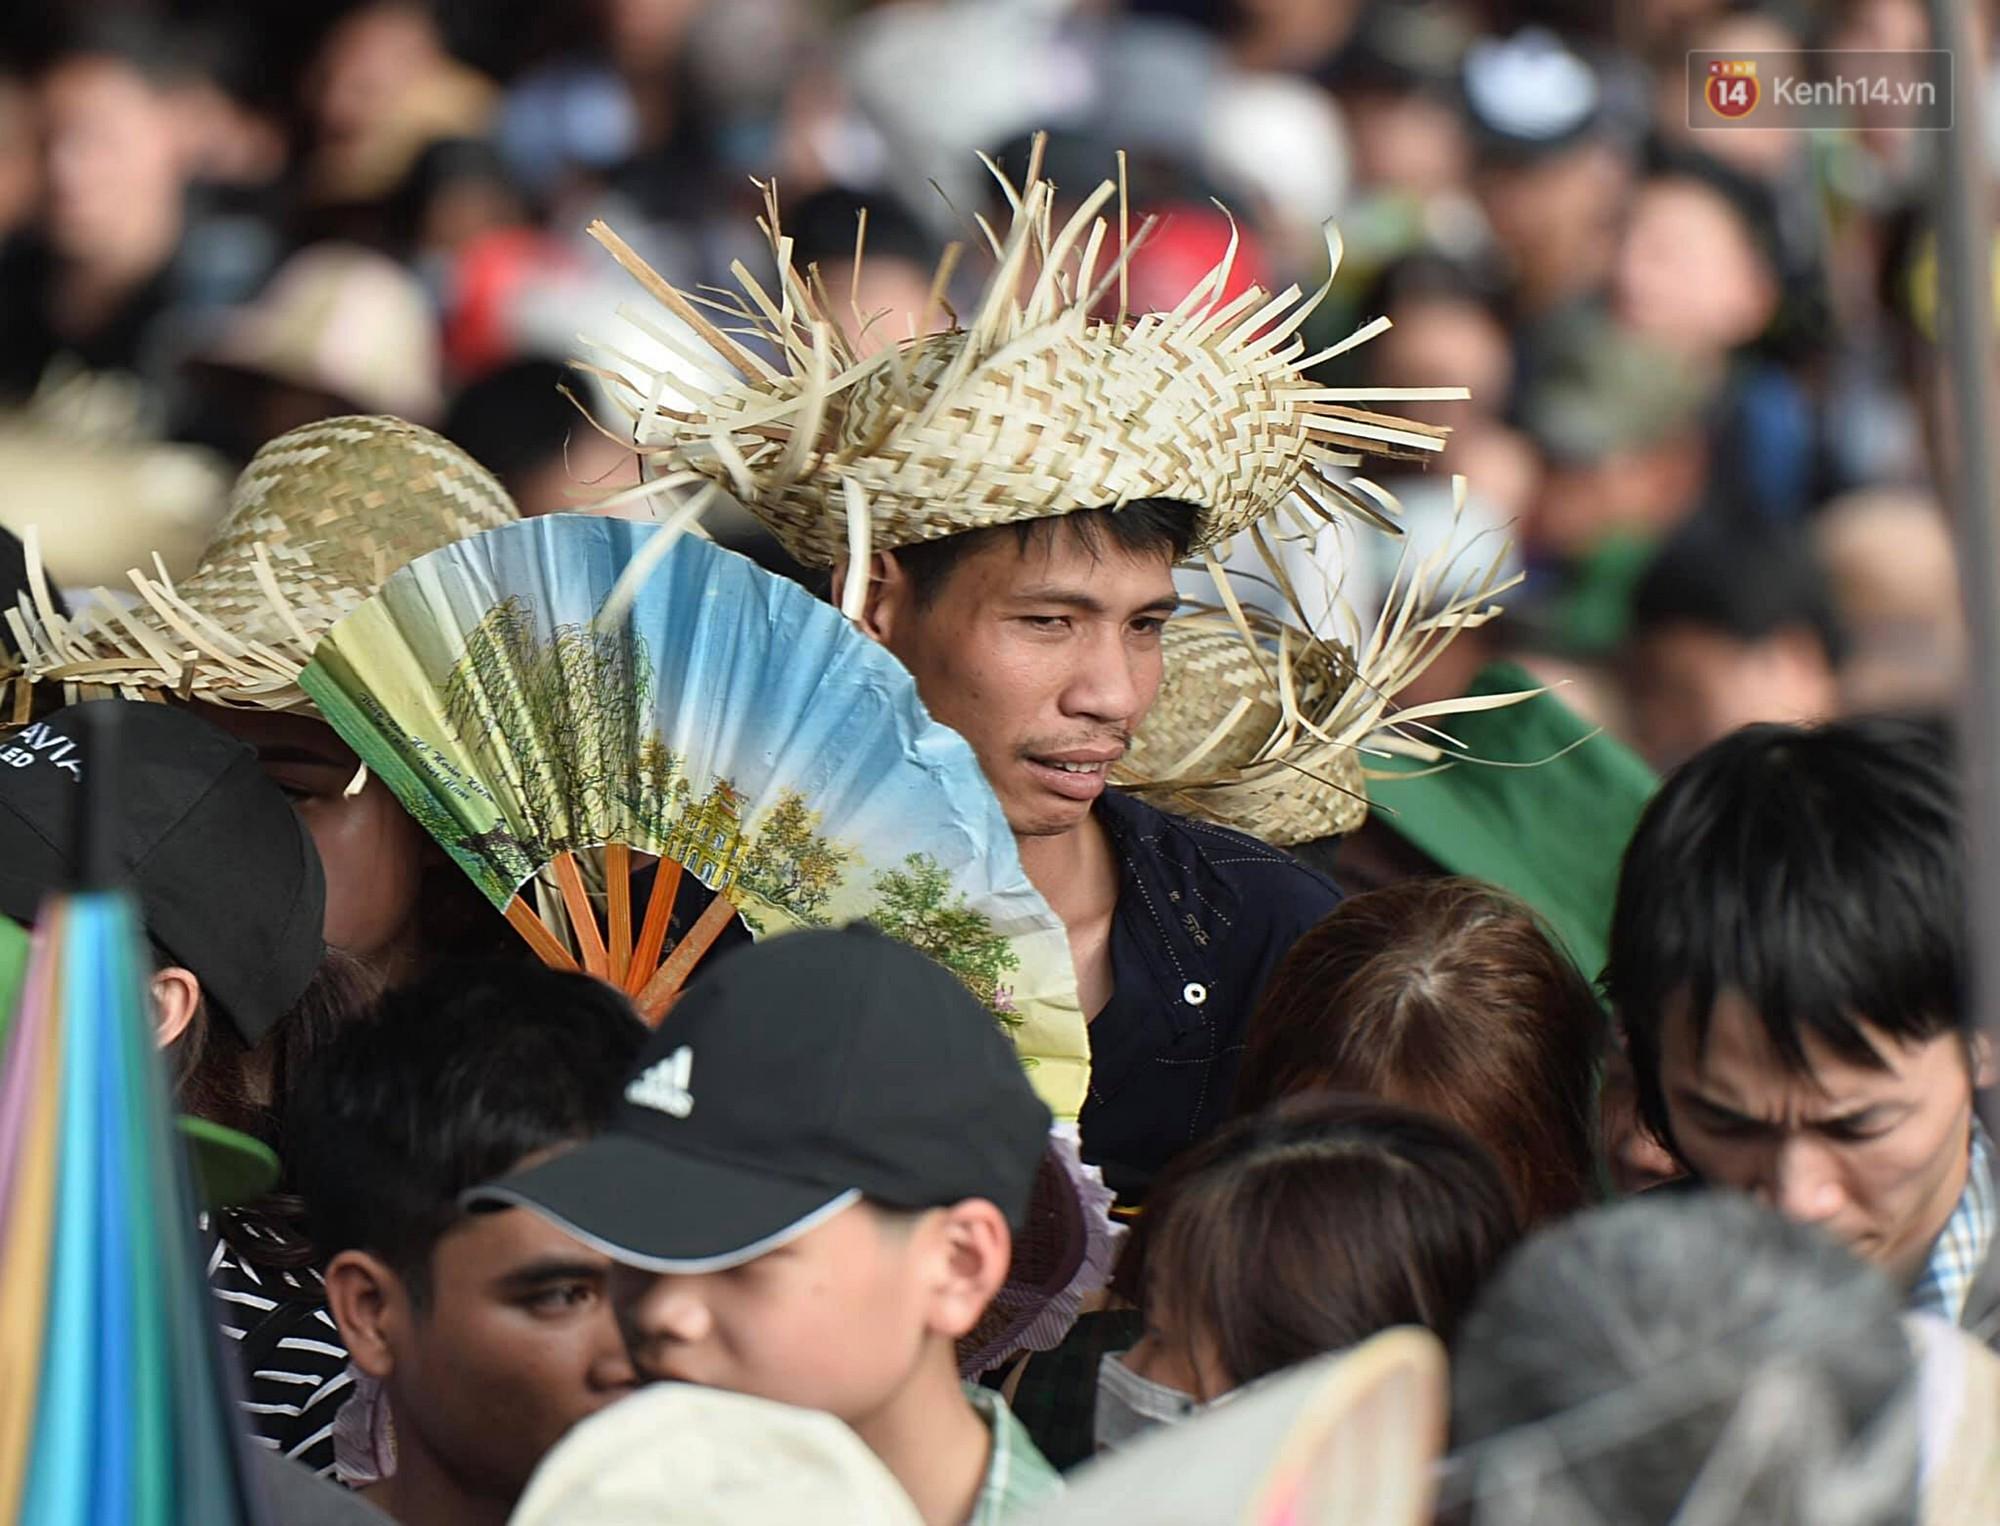 Gần 5 vạn du khách đổ về Chùa Hương trước một ngày khai hội - Ảnh 13.